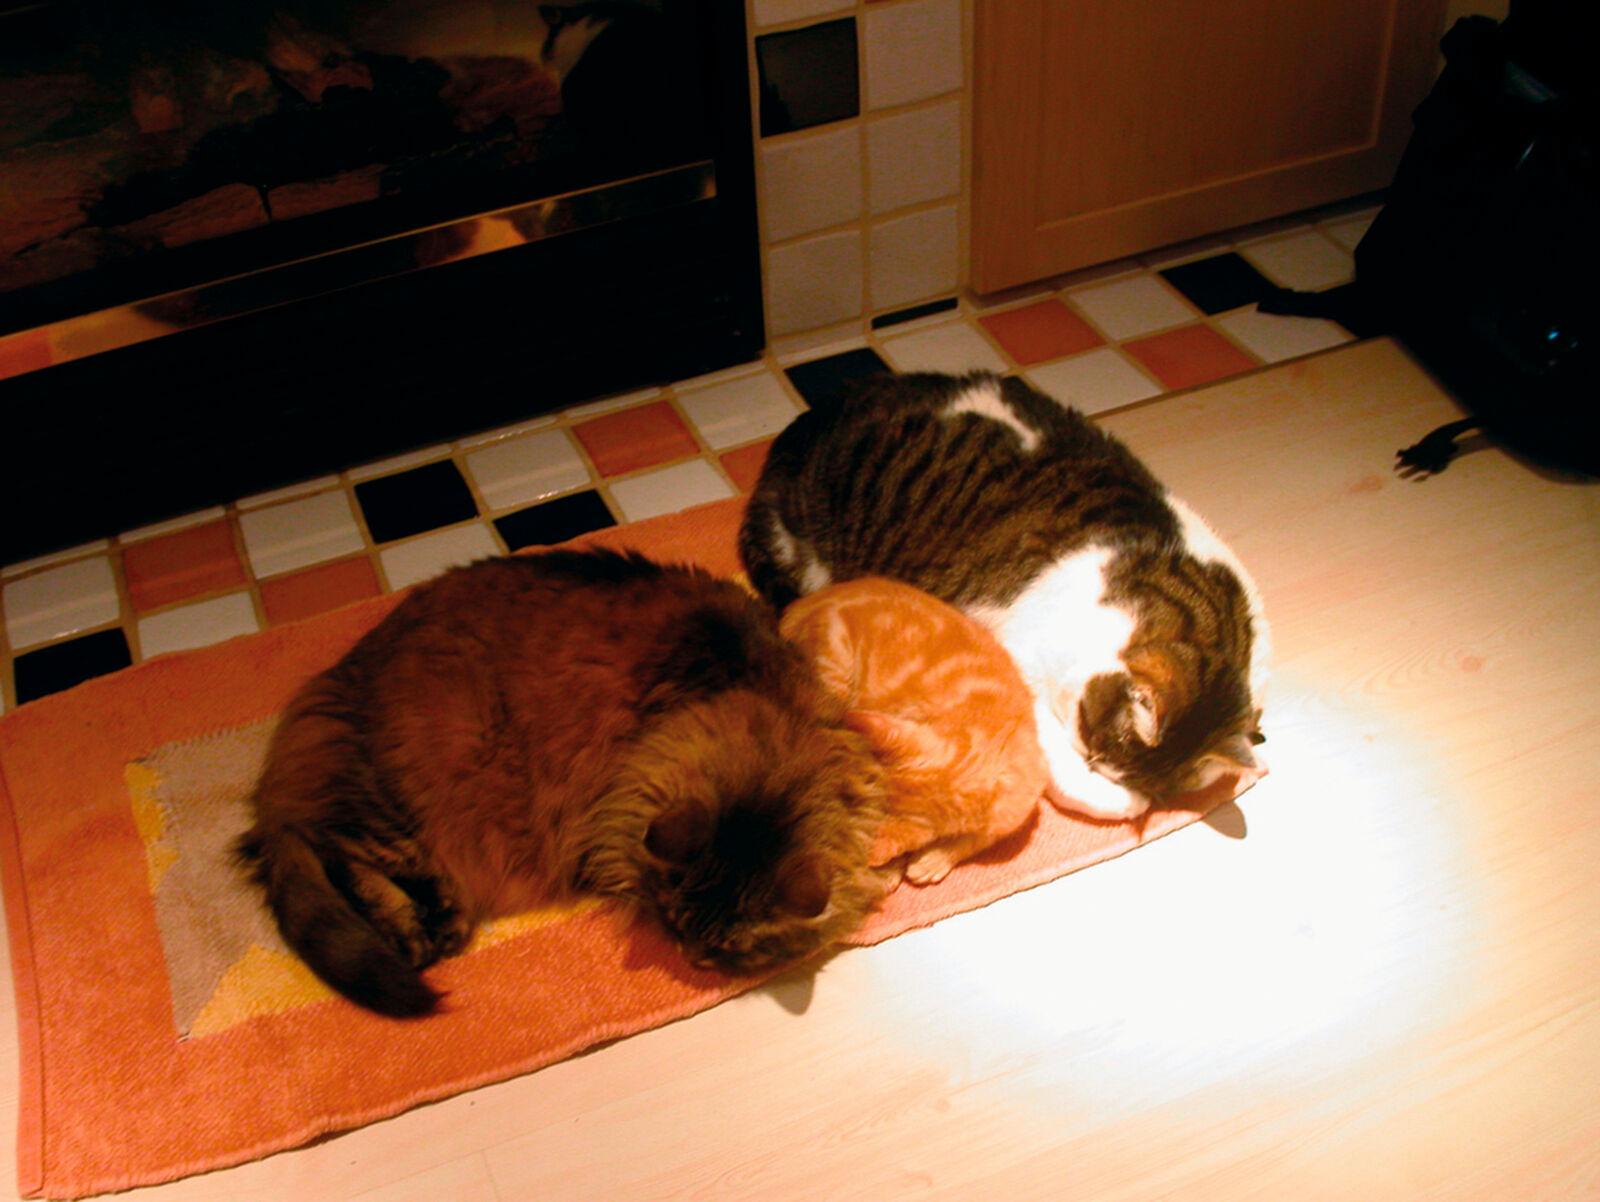 Figura 2. Los gatos pueden convivir felizmente con otros gatos si se socializaron correctamente a edades tempranas y disponen del suficiente espacio y recursos